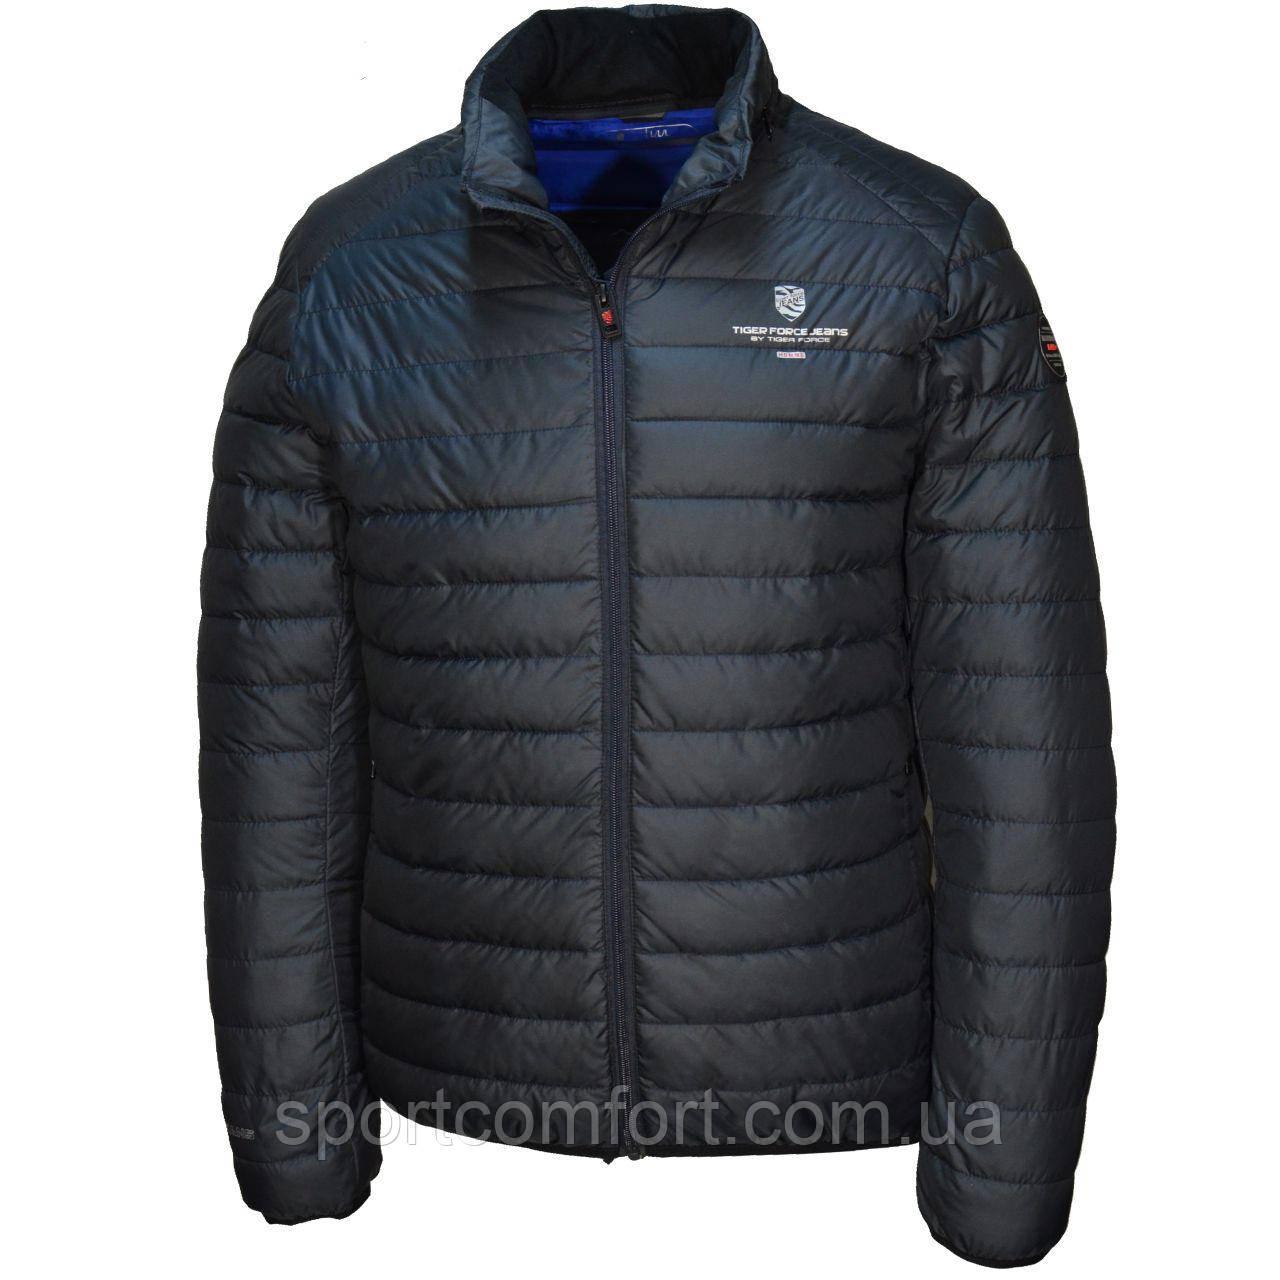 Весенняя куртка Tiger Force т.синяя, бордо,хаки, фото 1